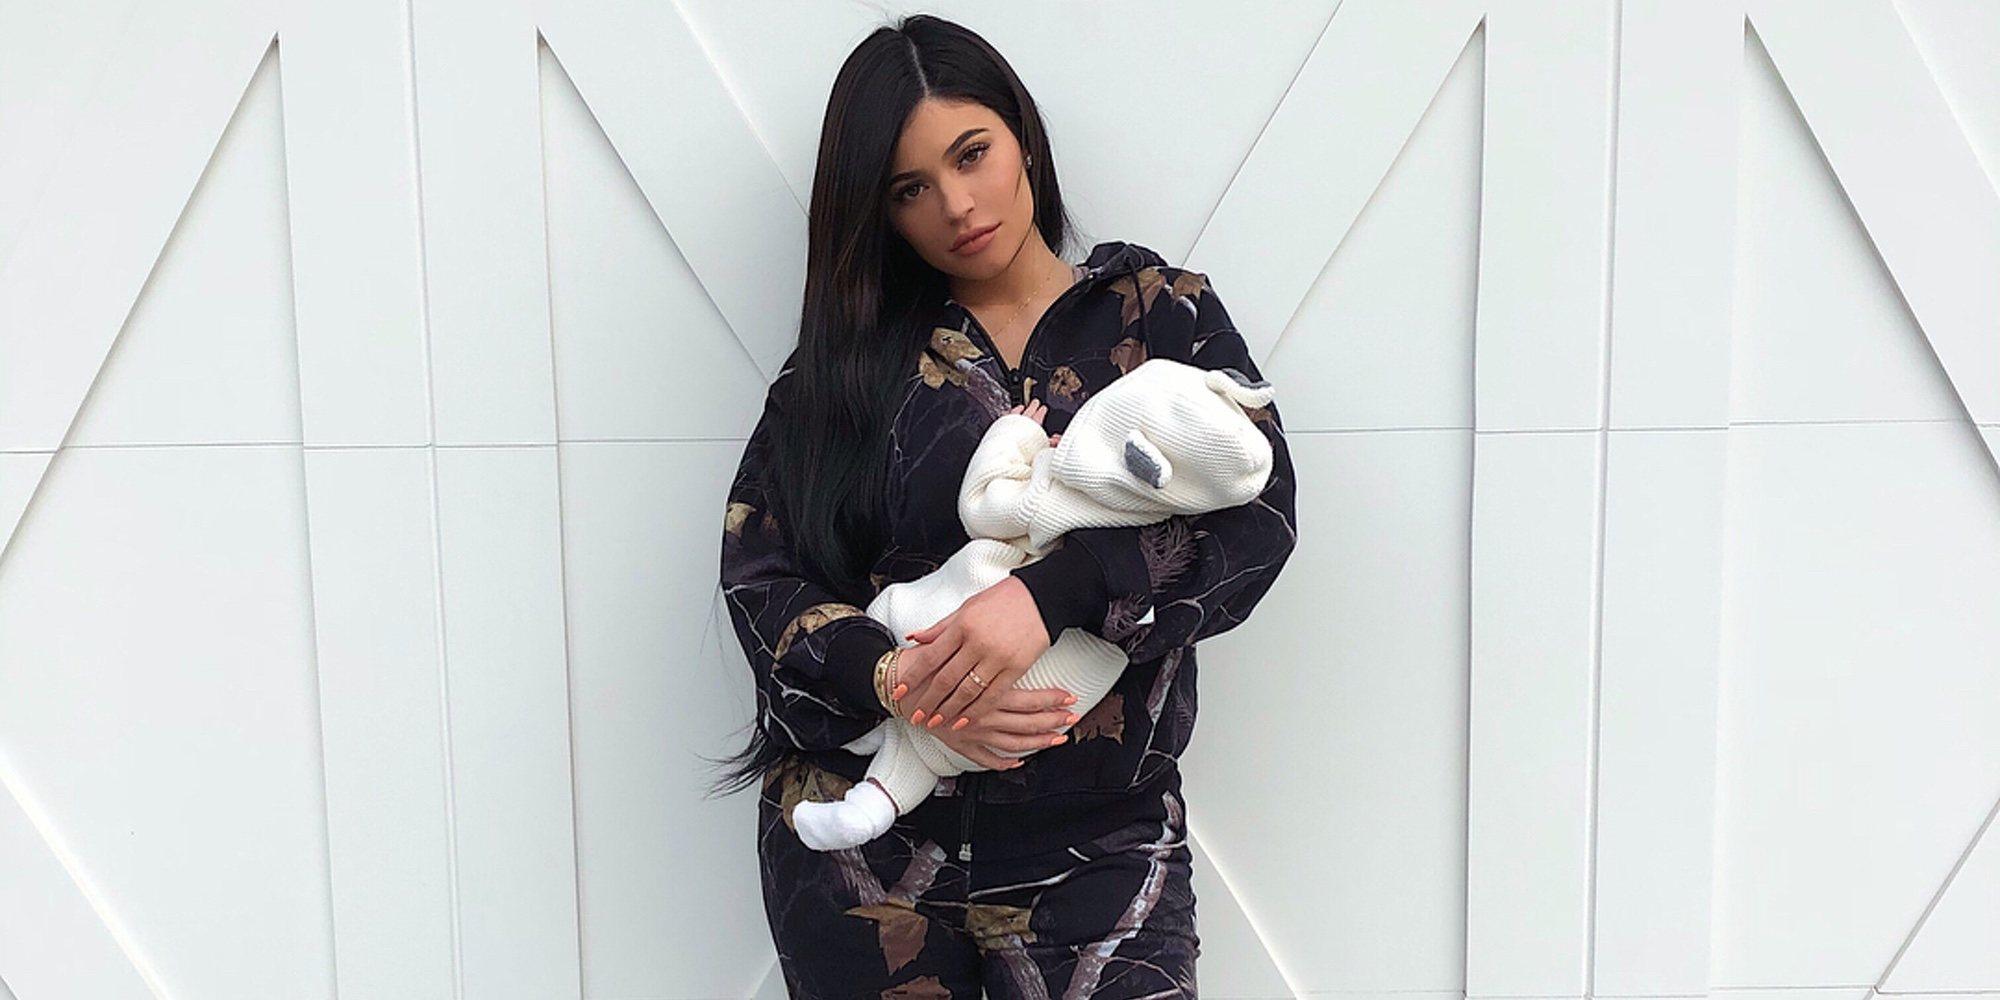 Kylie Jenner comparte la primera foto de cara de su hija Stormi